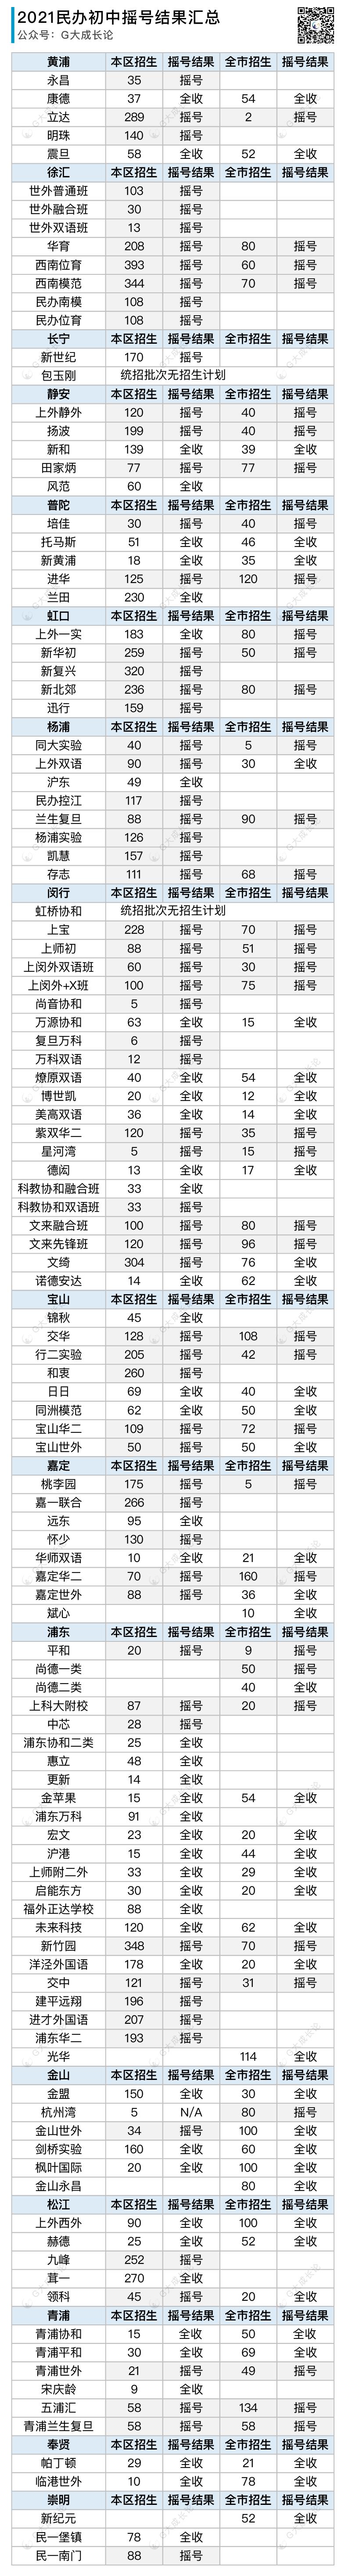 16区完整版:2021年上海民办小学/初中摇号结果全表